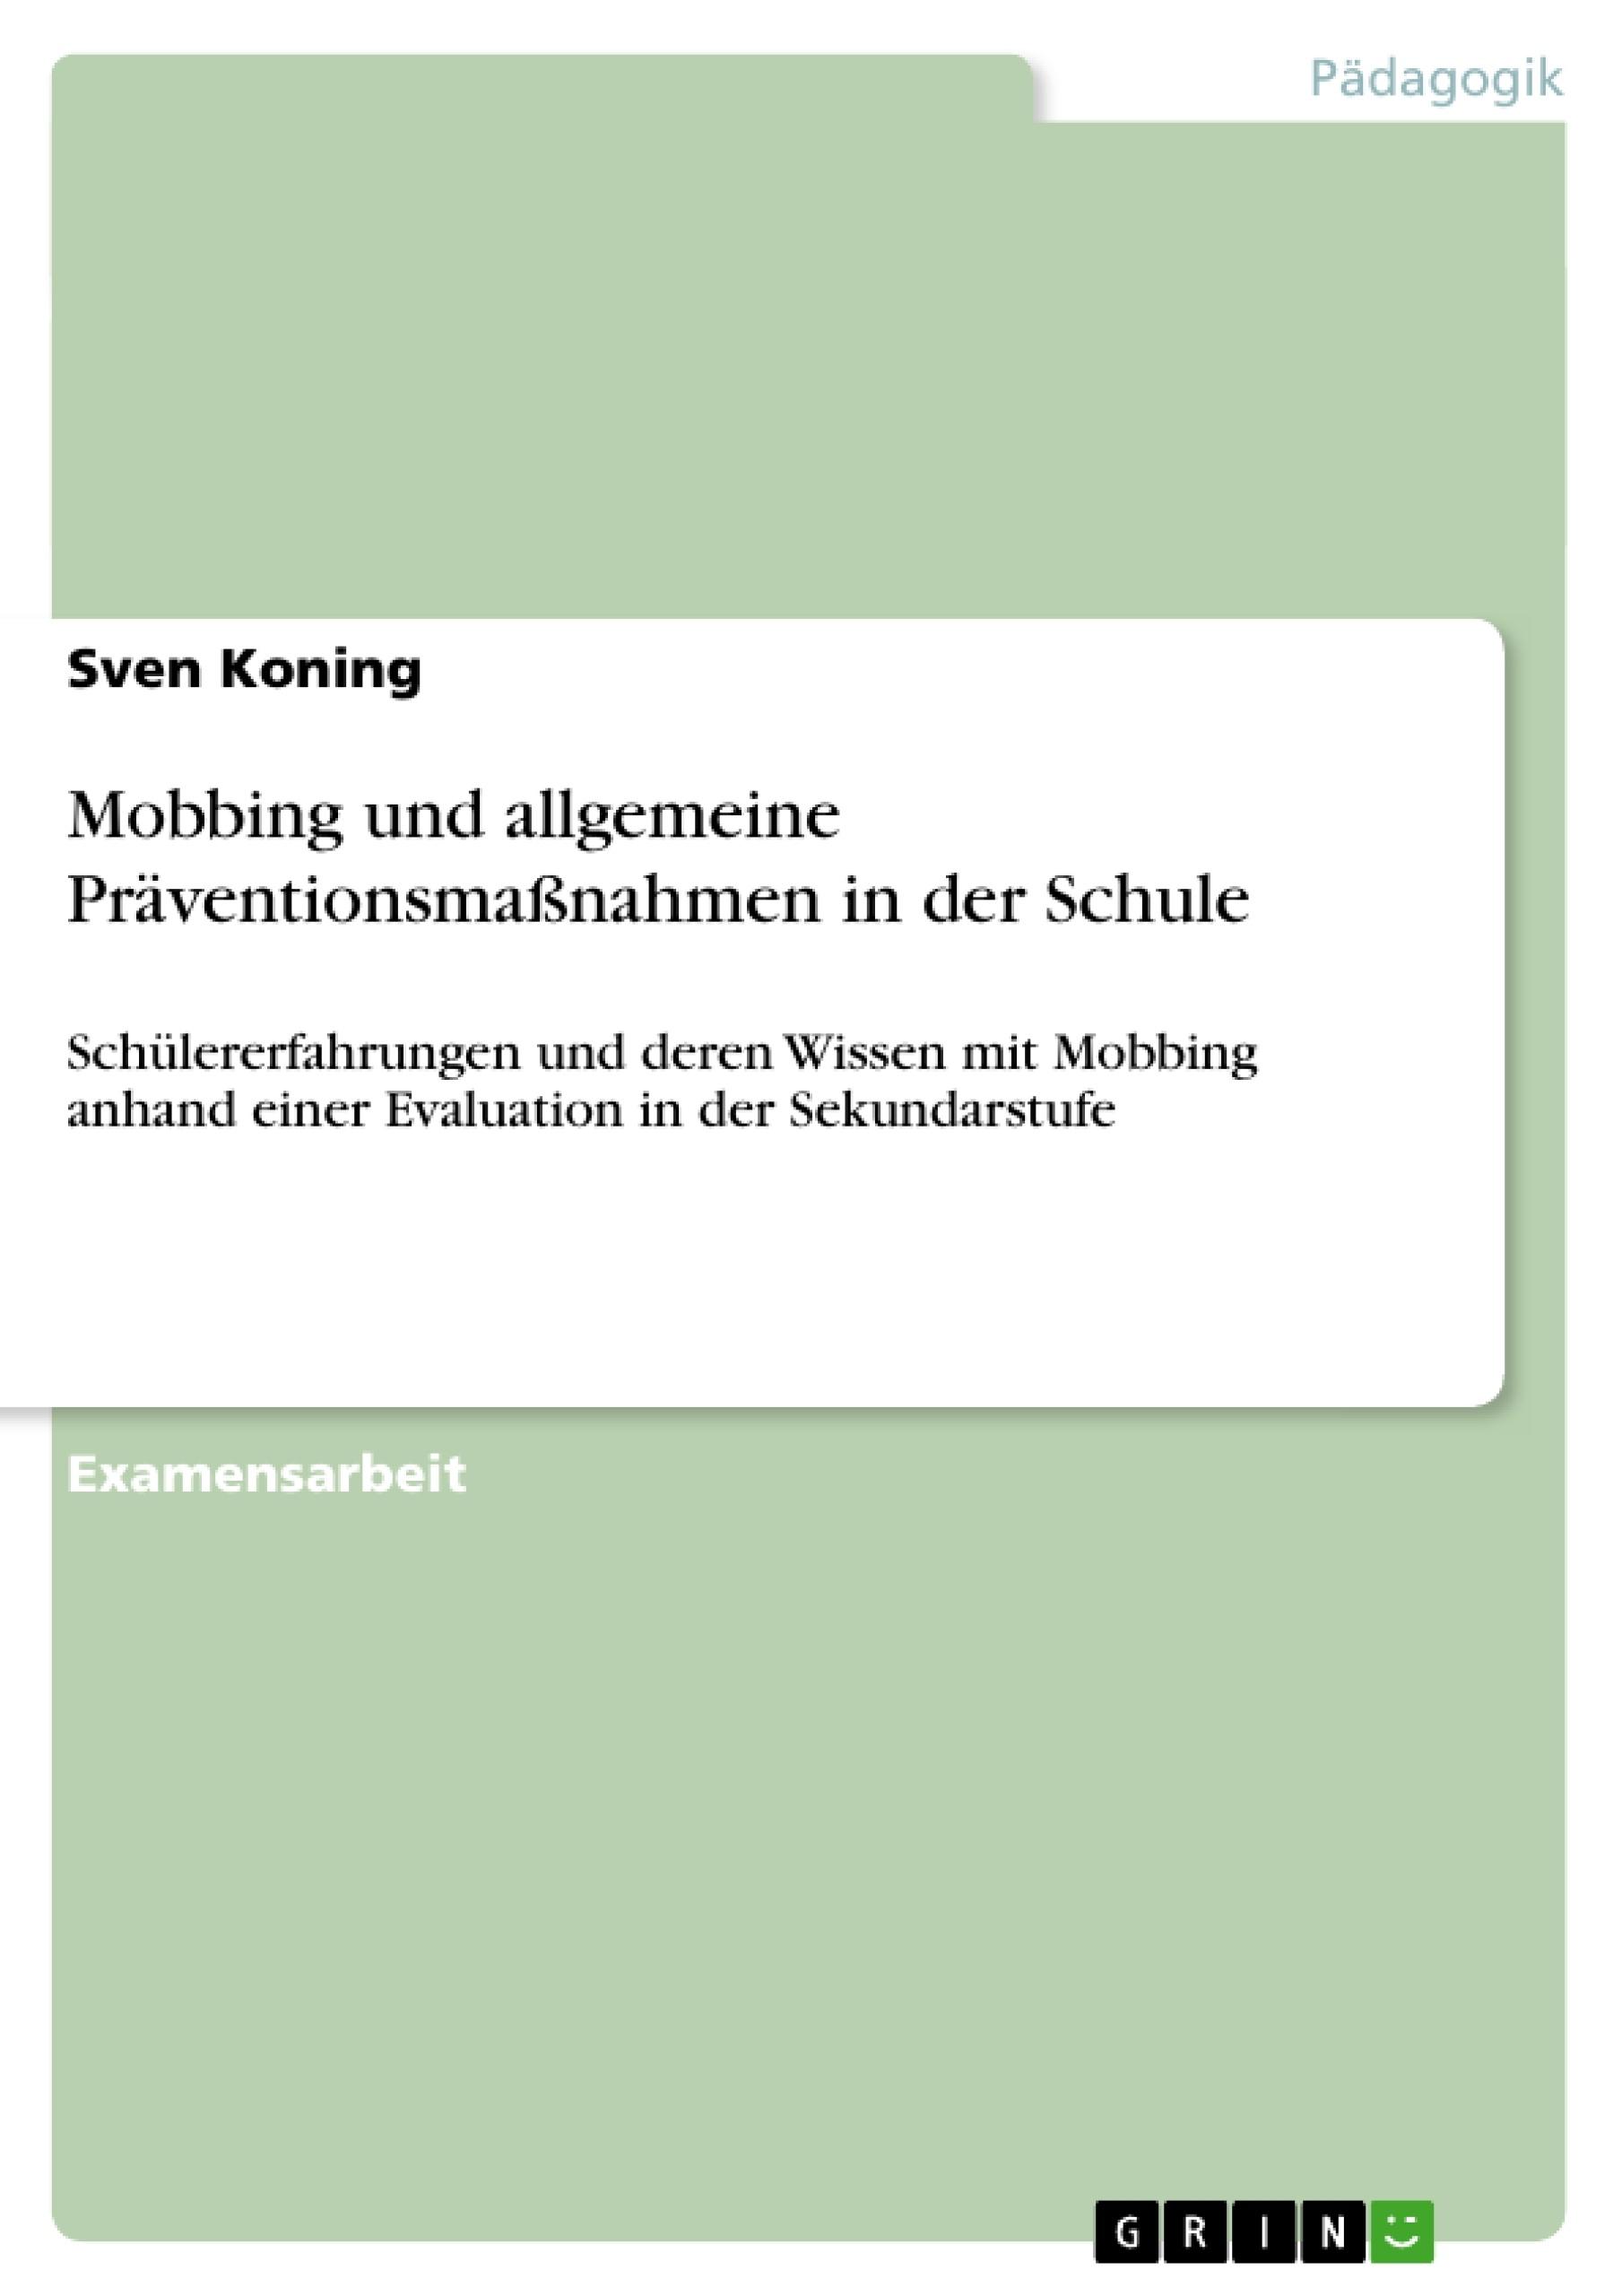 Titel: Mobbing und allgemeine Präventionsmaßnahmen in der Schule